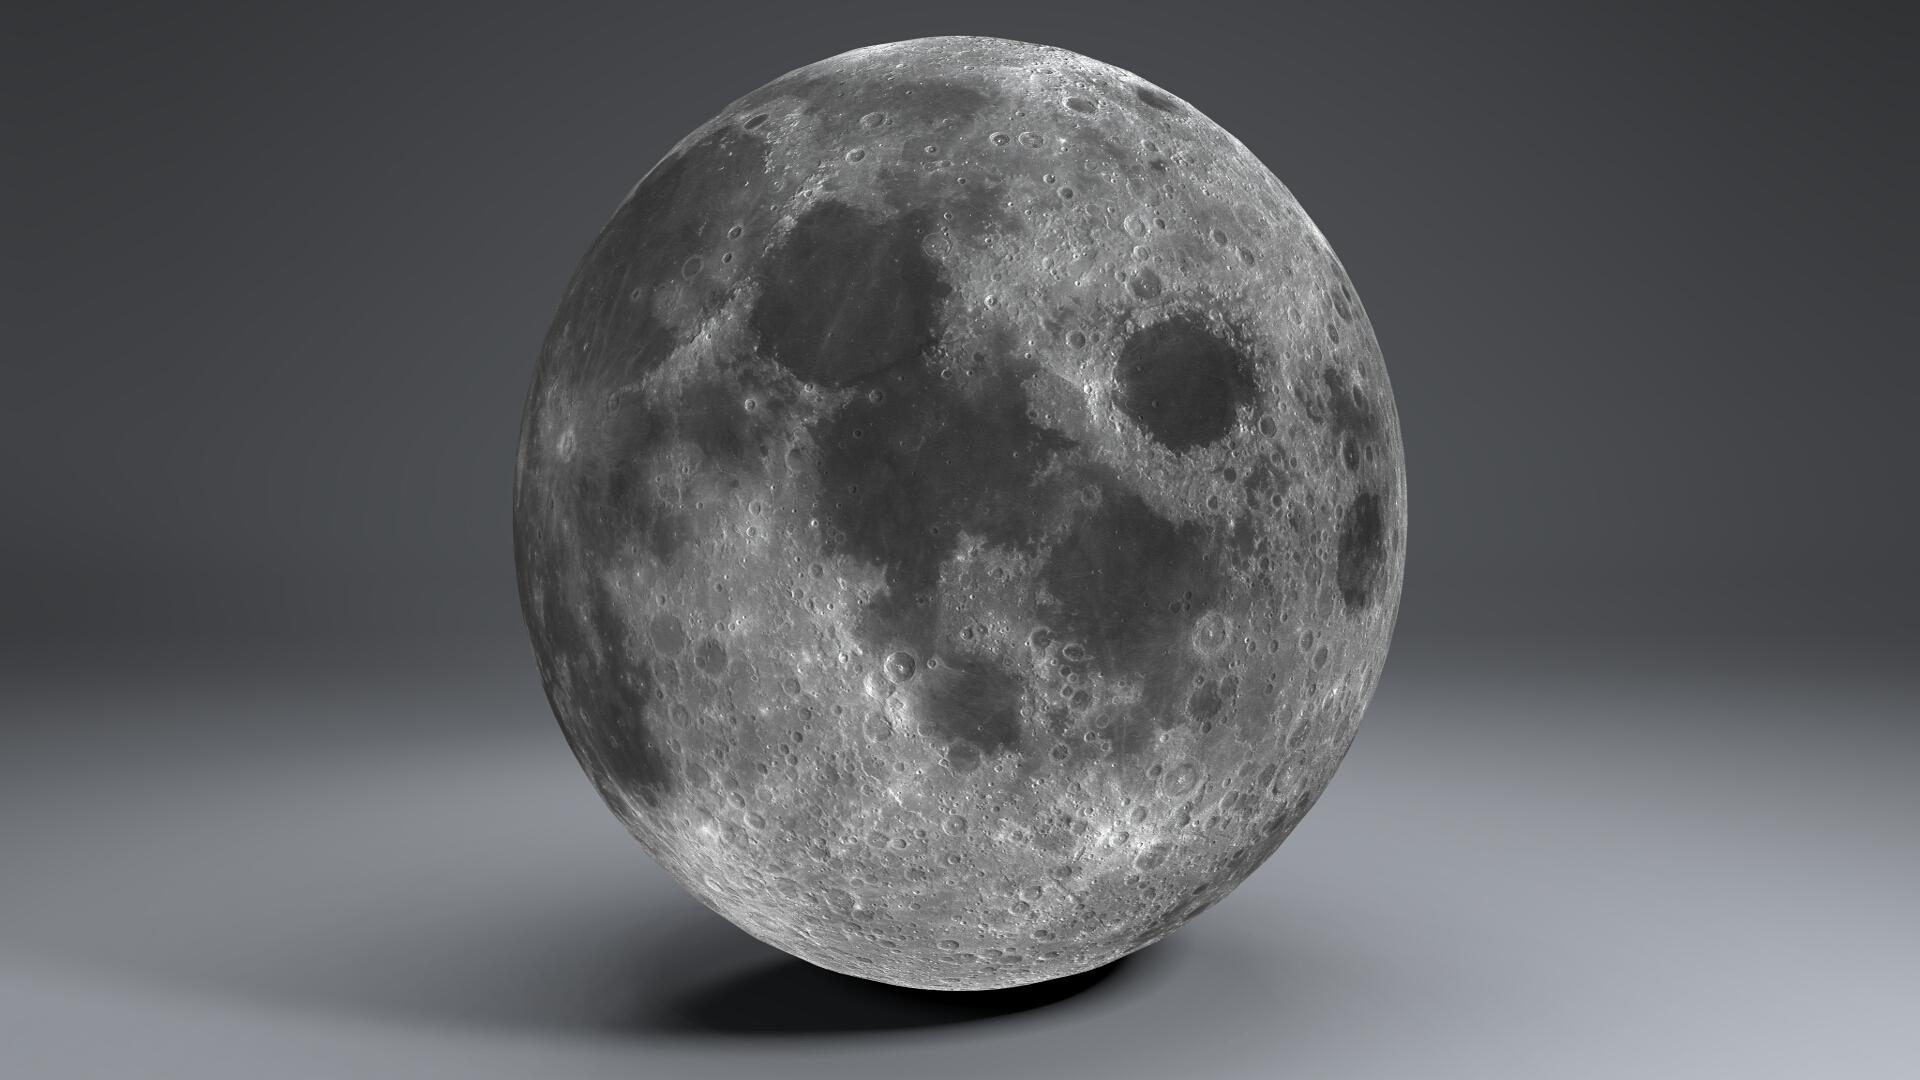 moon globe 23k 3d model 3ds fbx blend dae obj 222139